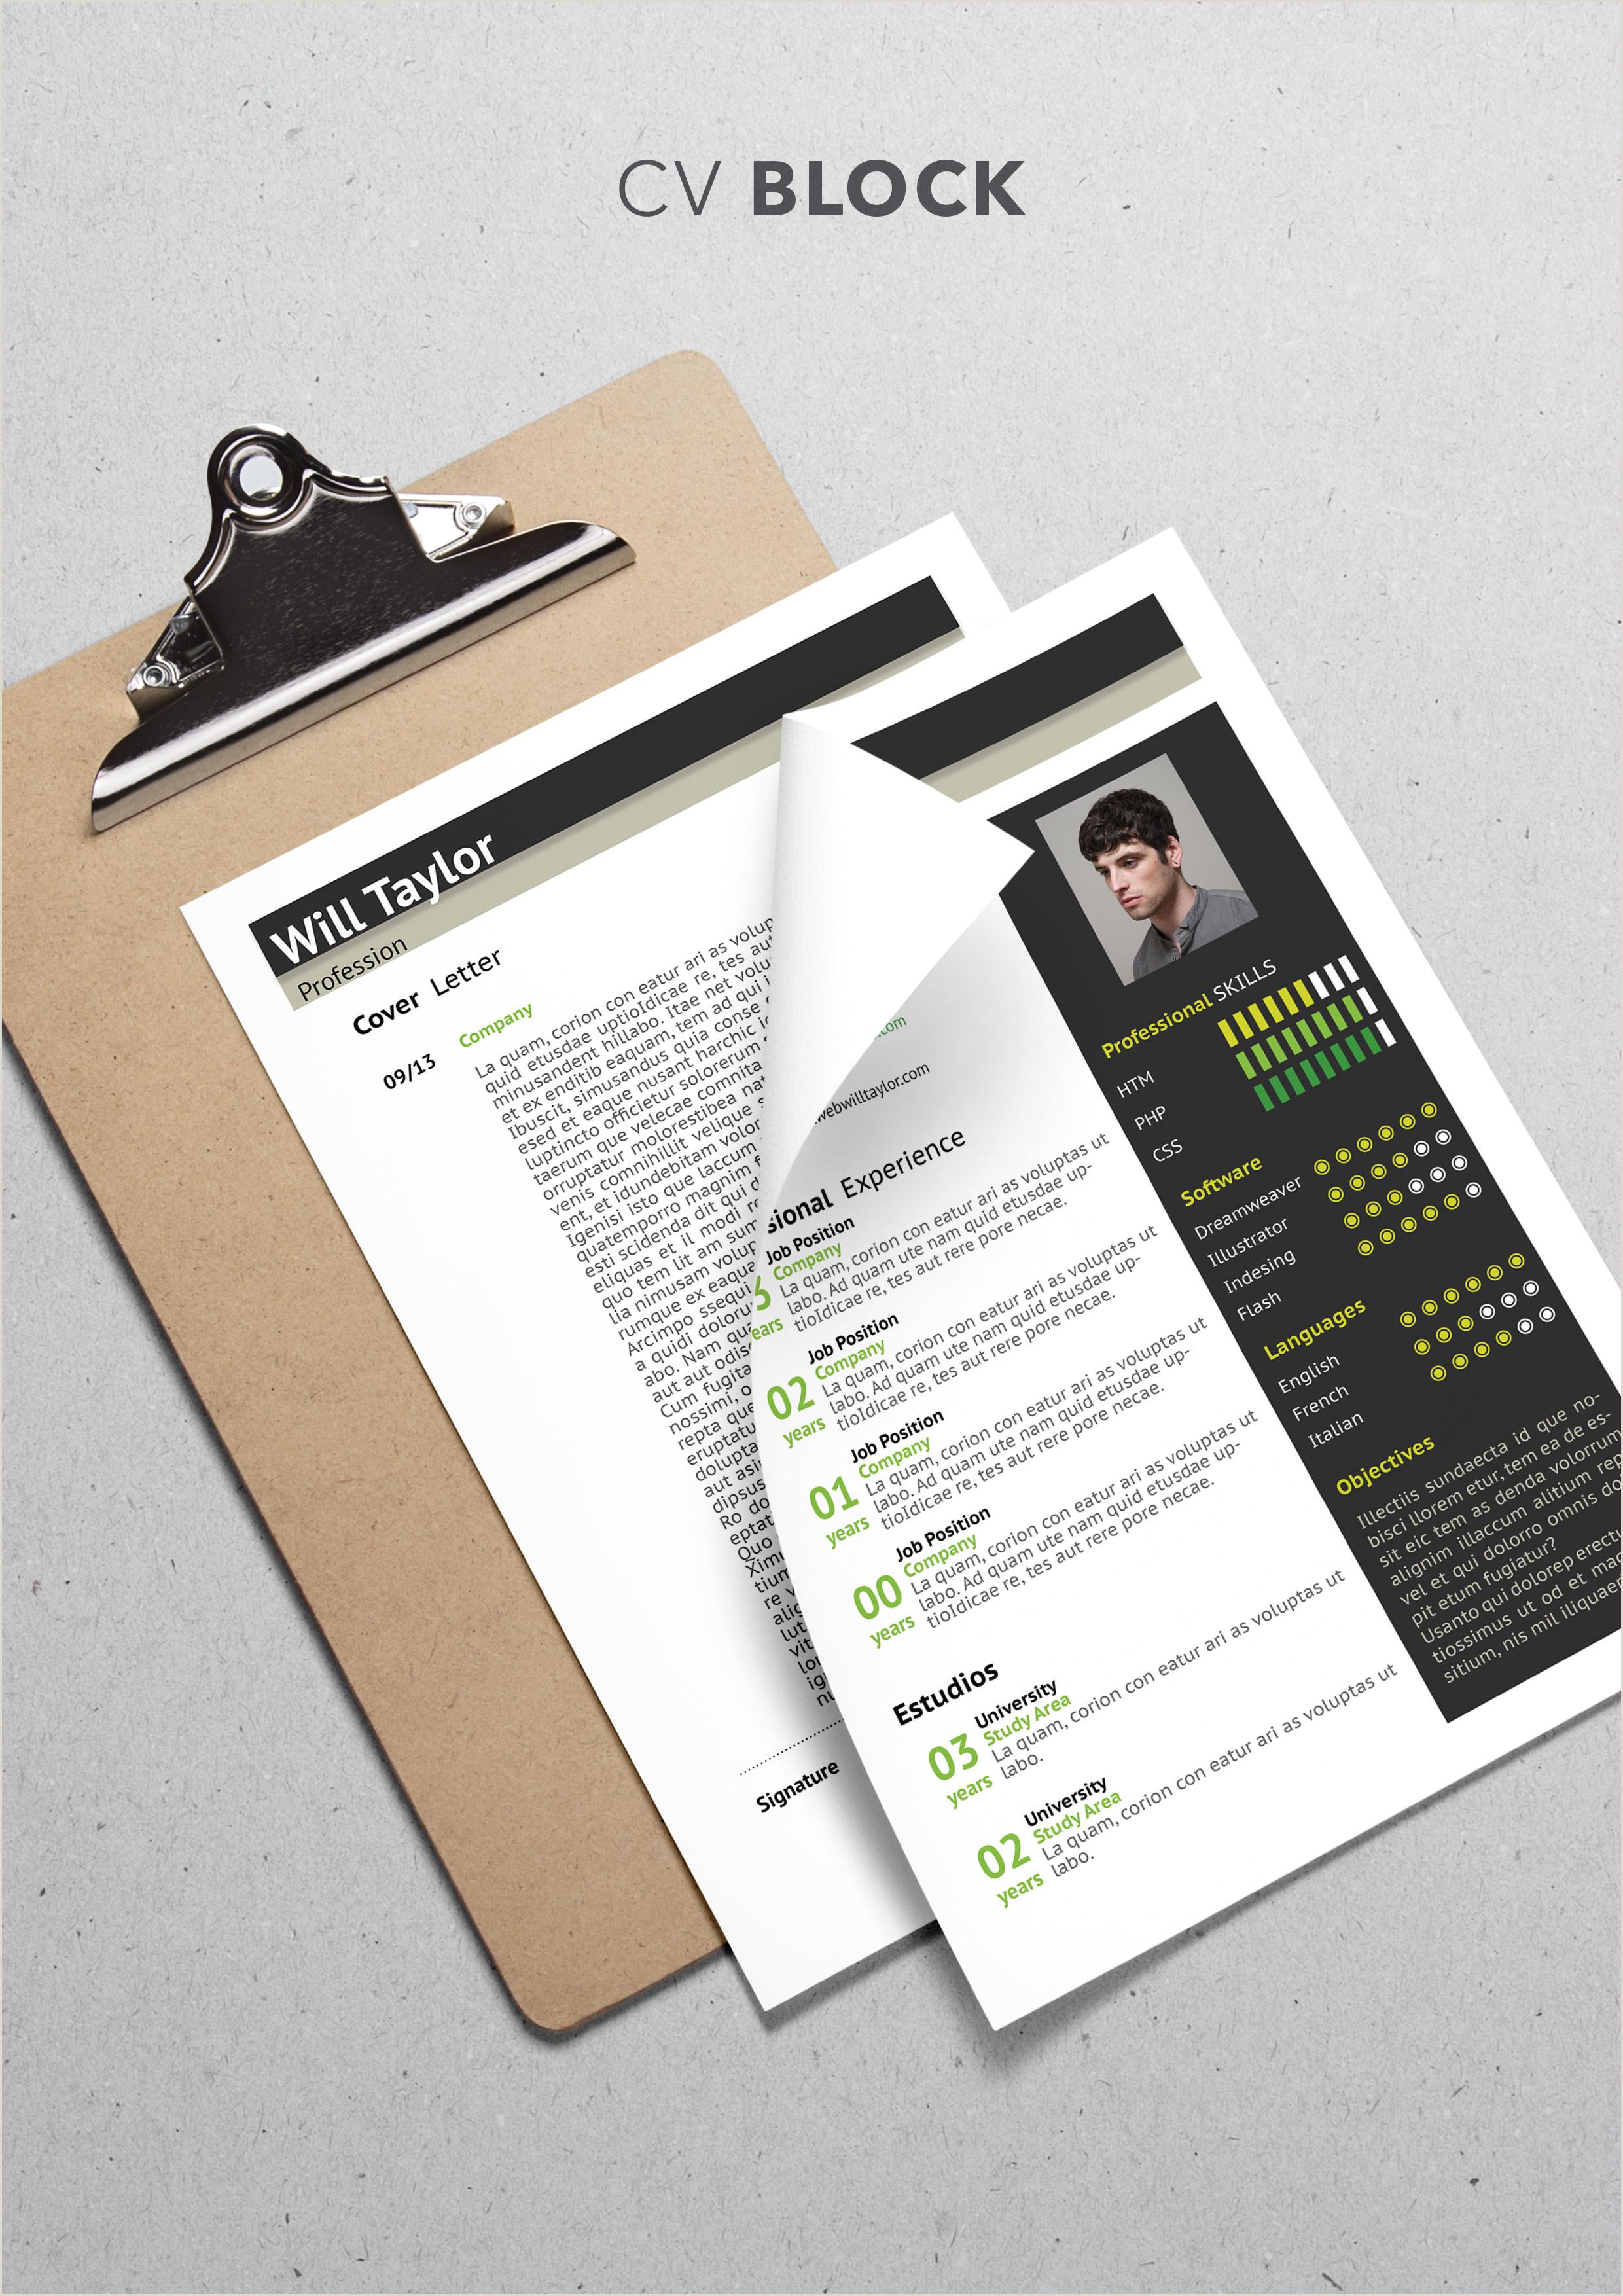 Cv format for Job Interview Block Cv Template